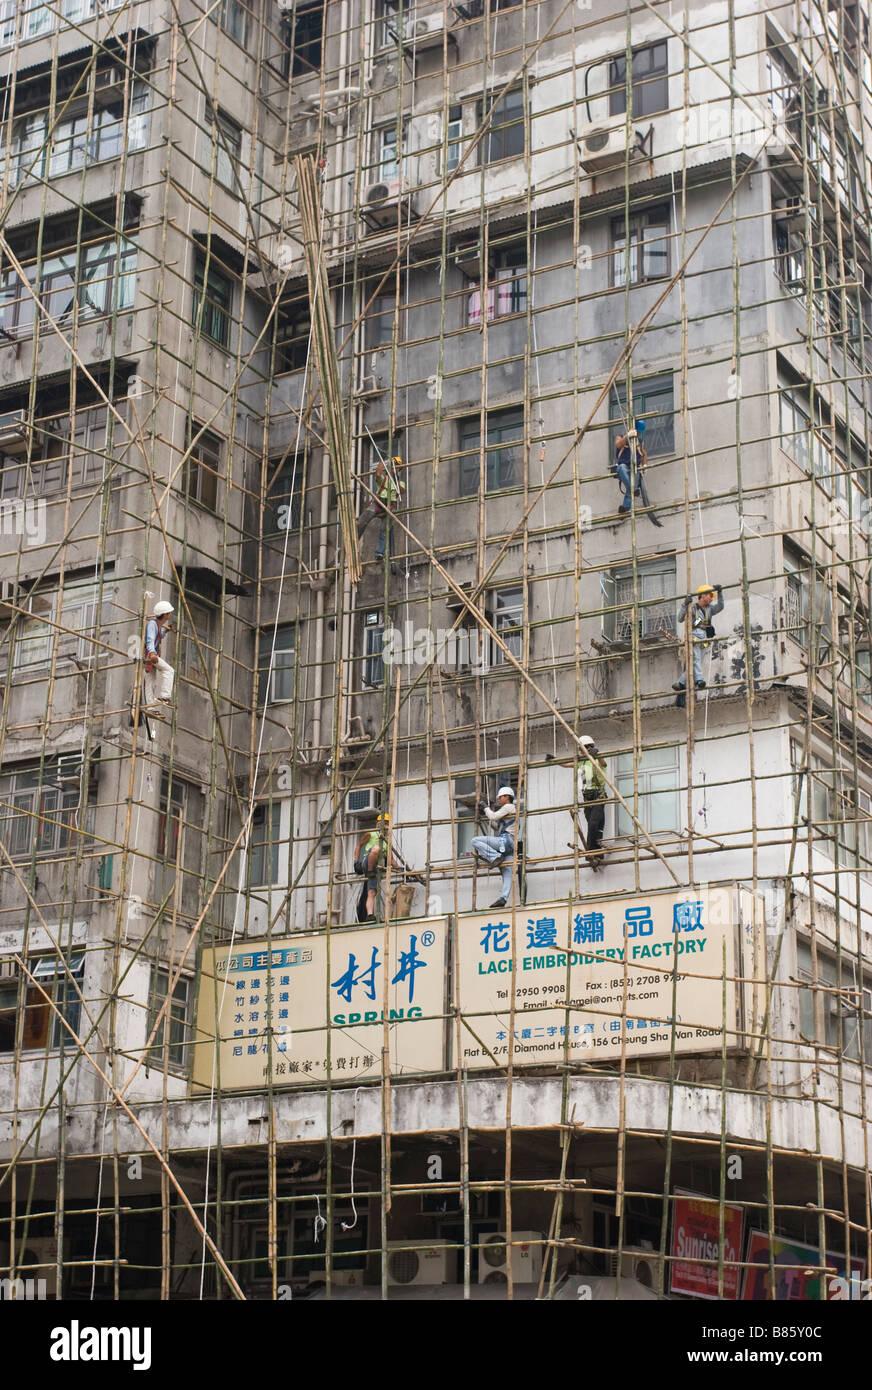 Bamboo scaffolding Kowloon Hong Kong - Stock Image